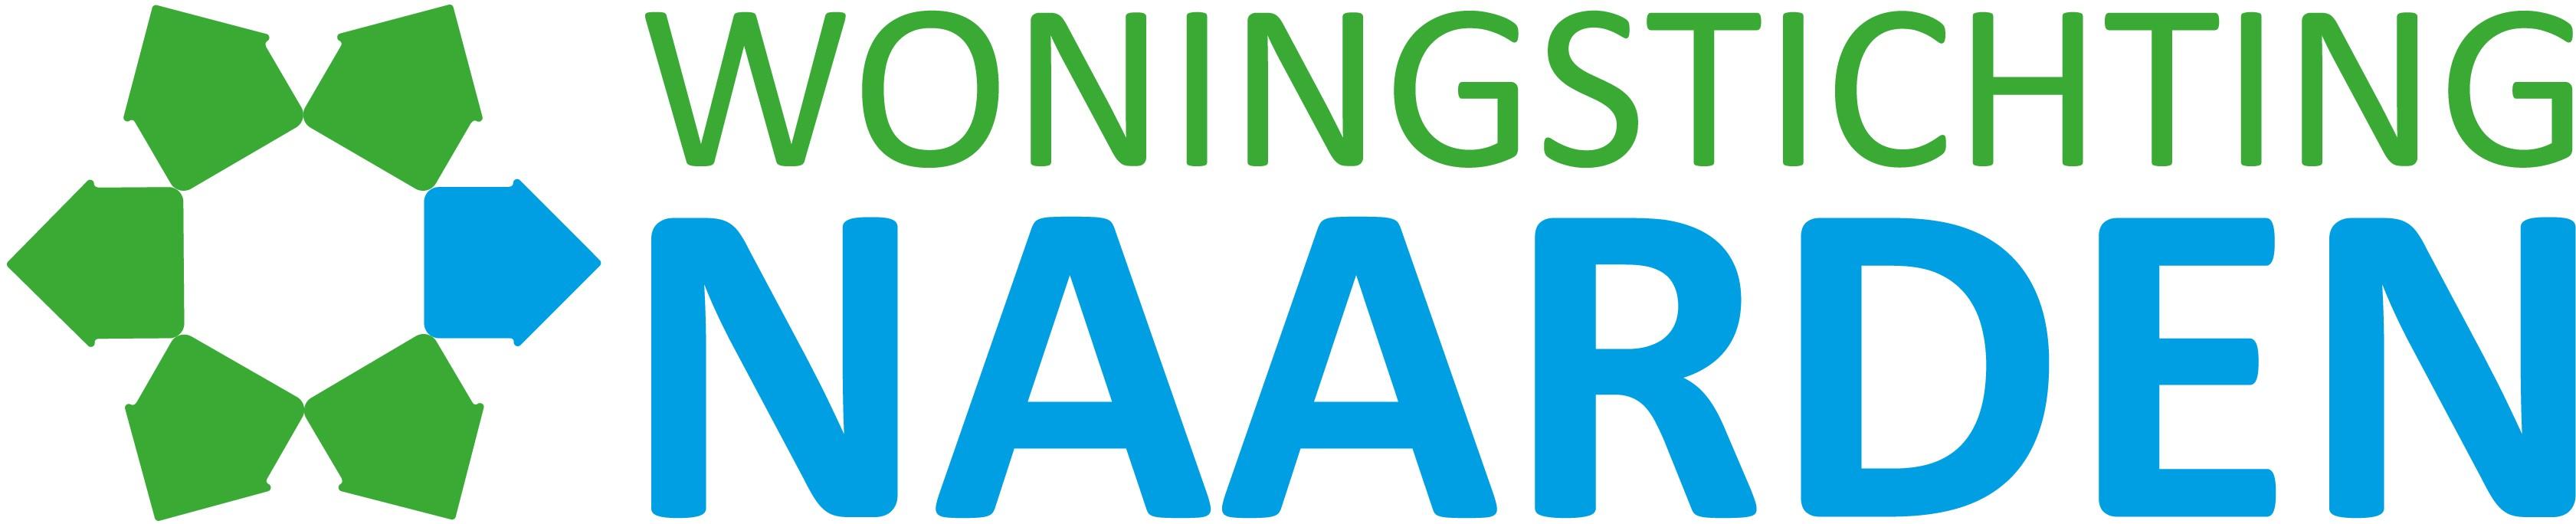 nieuw logo Woninstichting Naarden